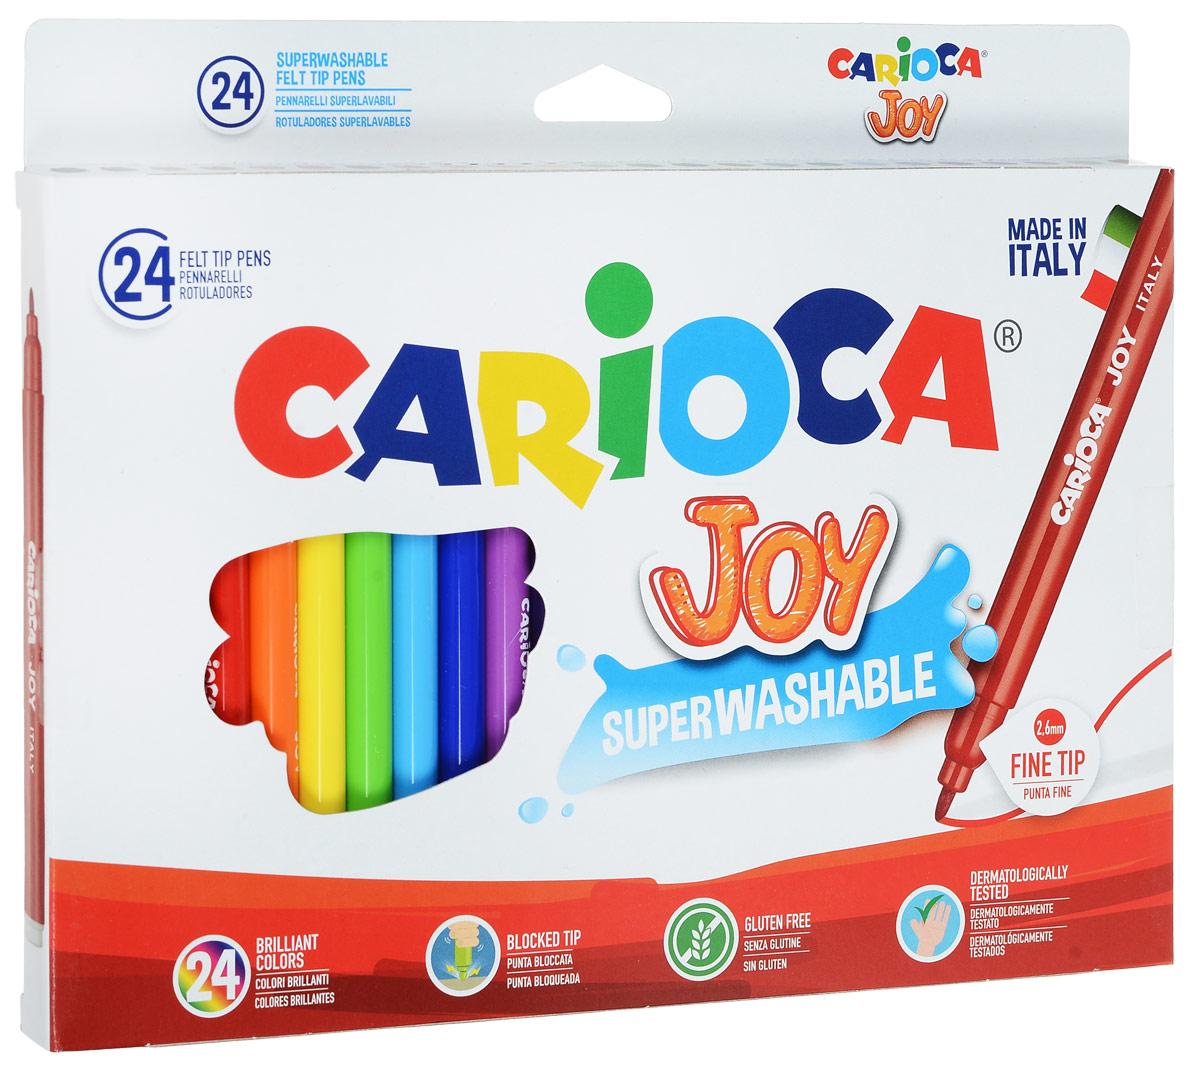 Carioca Набор фломастеров Joy 24 цвета40615/24Набор фломастеров Carioca Joy, предназначенные для художественно-оформительских работ, обязательно порадуют вашего юного художника и помогут создать ему неповторимые и яркие картинки.Набор включает в себя 24 фломастера ярких насыщенных цветов. Специальные чернила на водной основе легко смываются с кожи и удаляются с большинства тканей. Корпус фломастеров изготовлен из пластика, а колпачок имеет специальные прорези, что еще больше увеличивает срок службы чернил и предотвращает их преждевременное высыхание.Уважаемые клиенты! Обращаем ваше внимание на возможные изменения в дизайне упаковки. Качественные характеристики товара остаются неизменными. Поставка осуществляется в зависимости от наличия на складе.